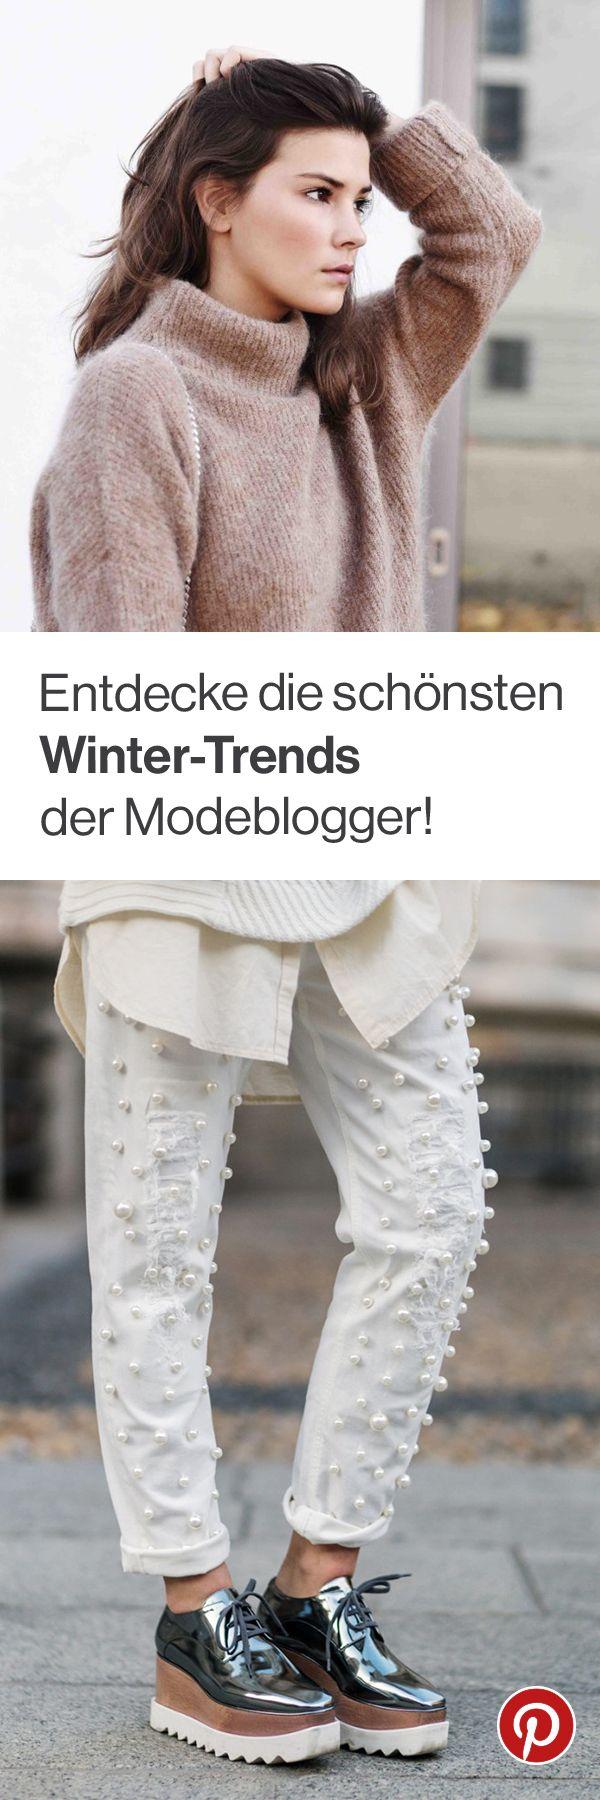 Entdecke die schönsten Winter-Trends der Modeblogger!